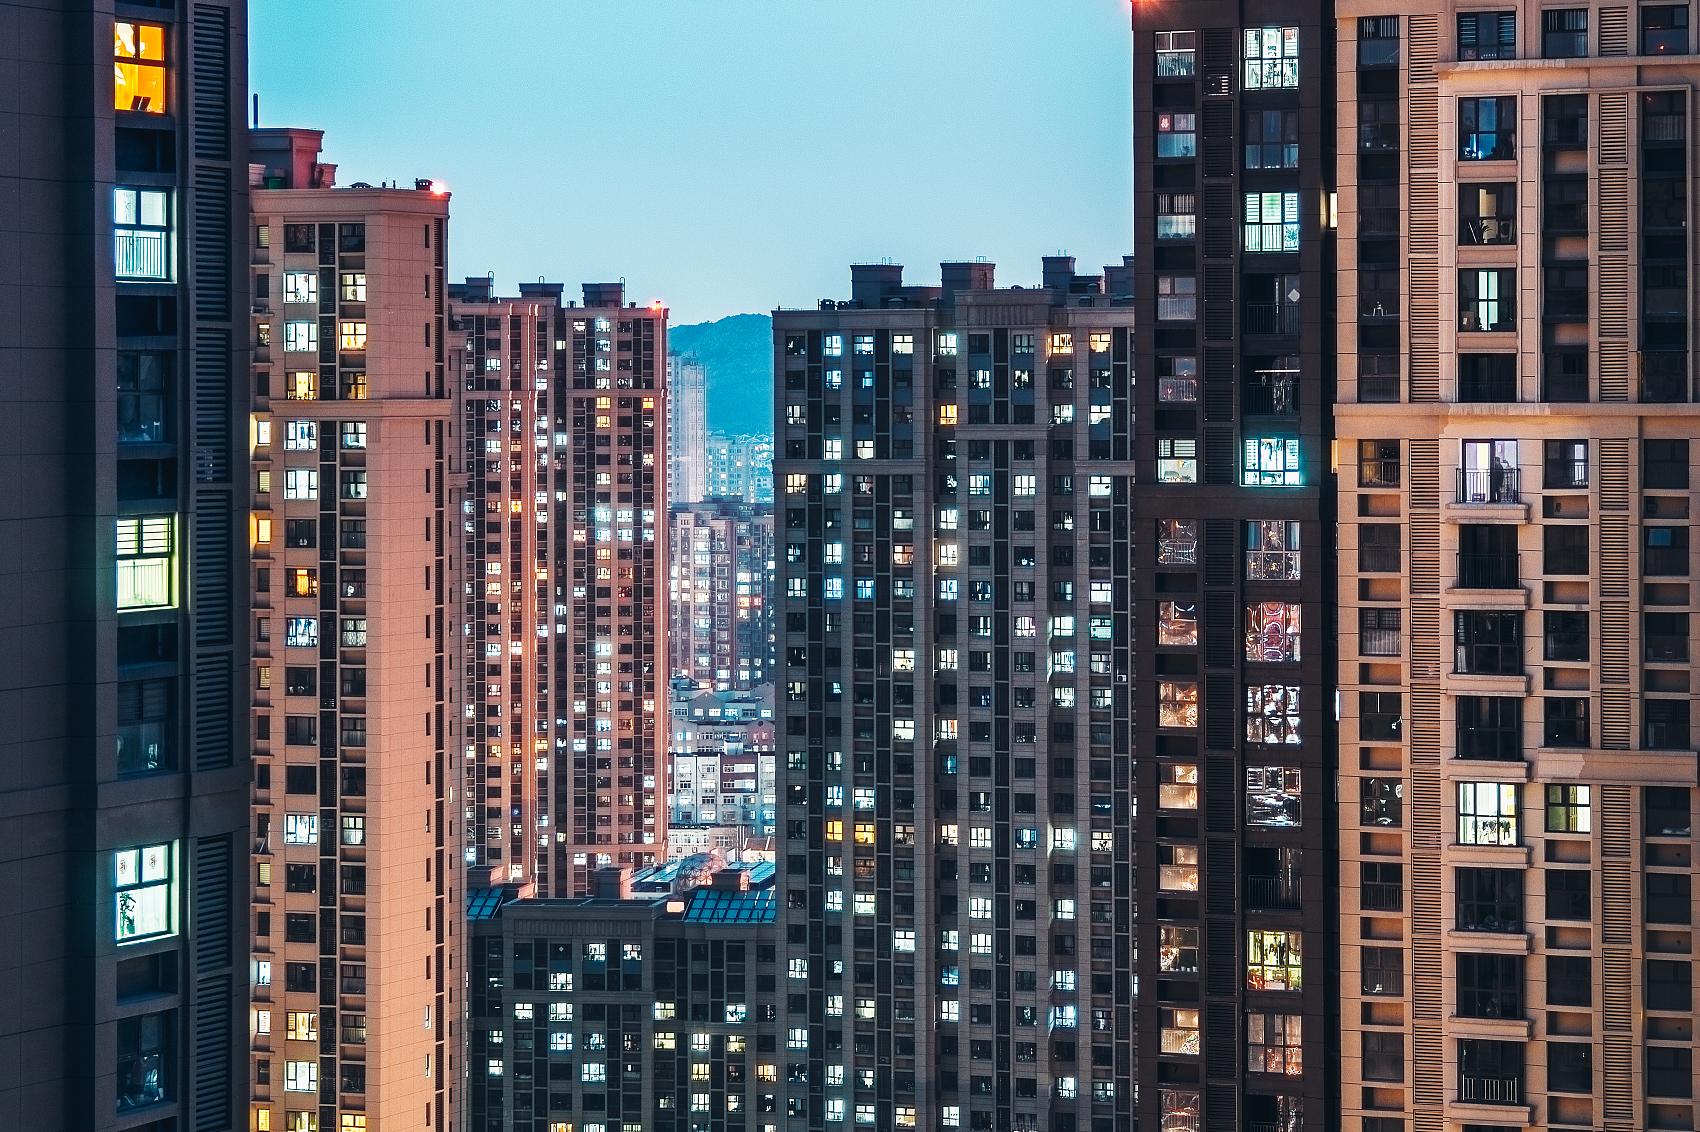 收购合并 谁在收割长租公寓市场?